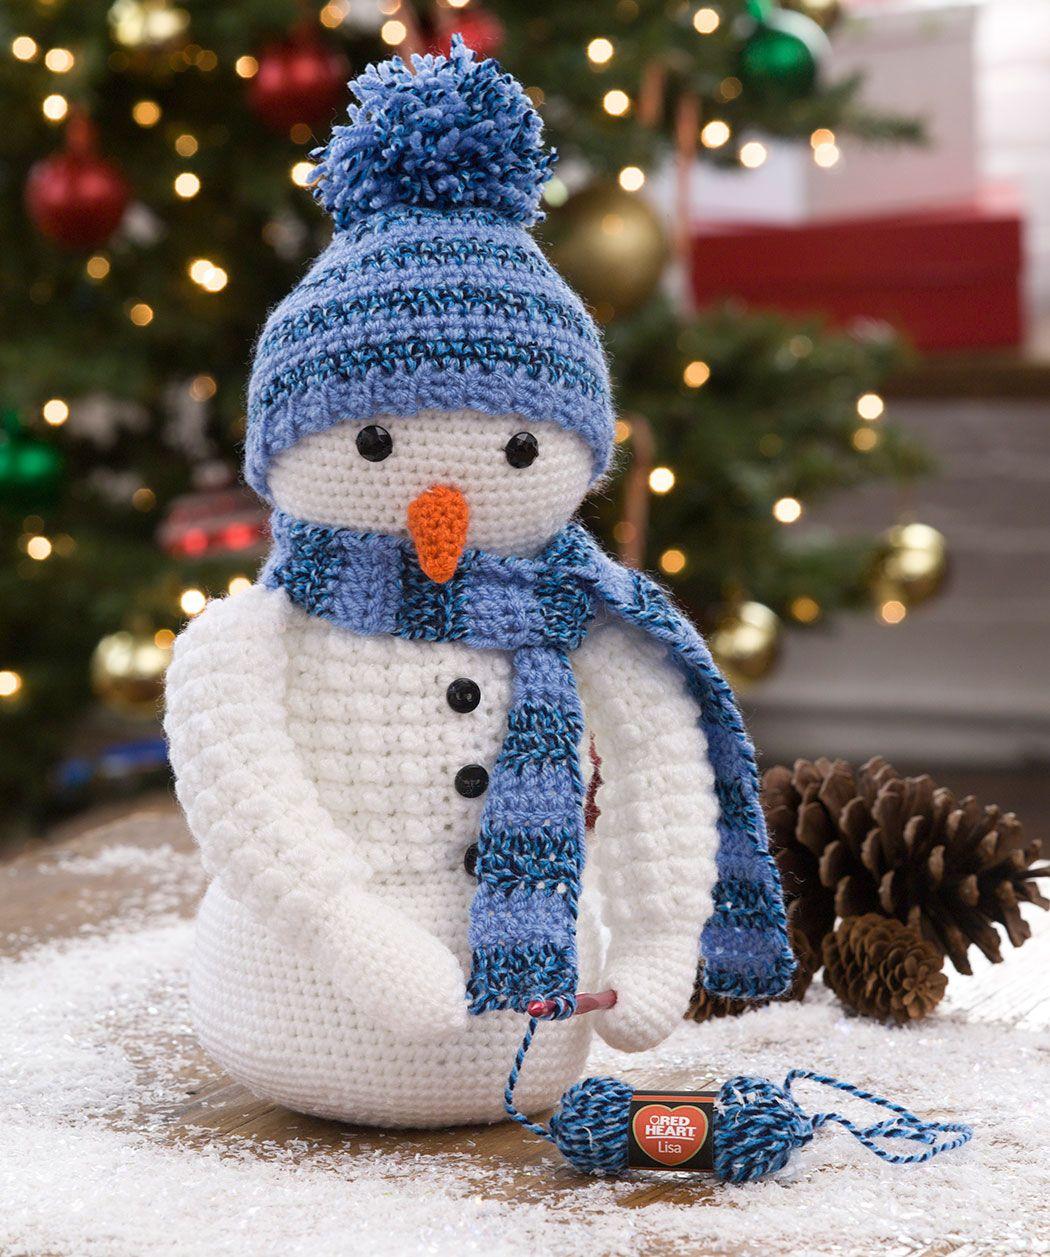 Crochet Snowman By Nancy Anderson - Free Crochet Pattern - (redheart ...